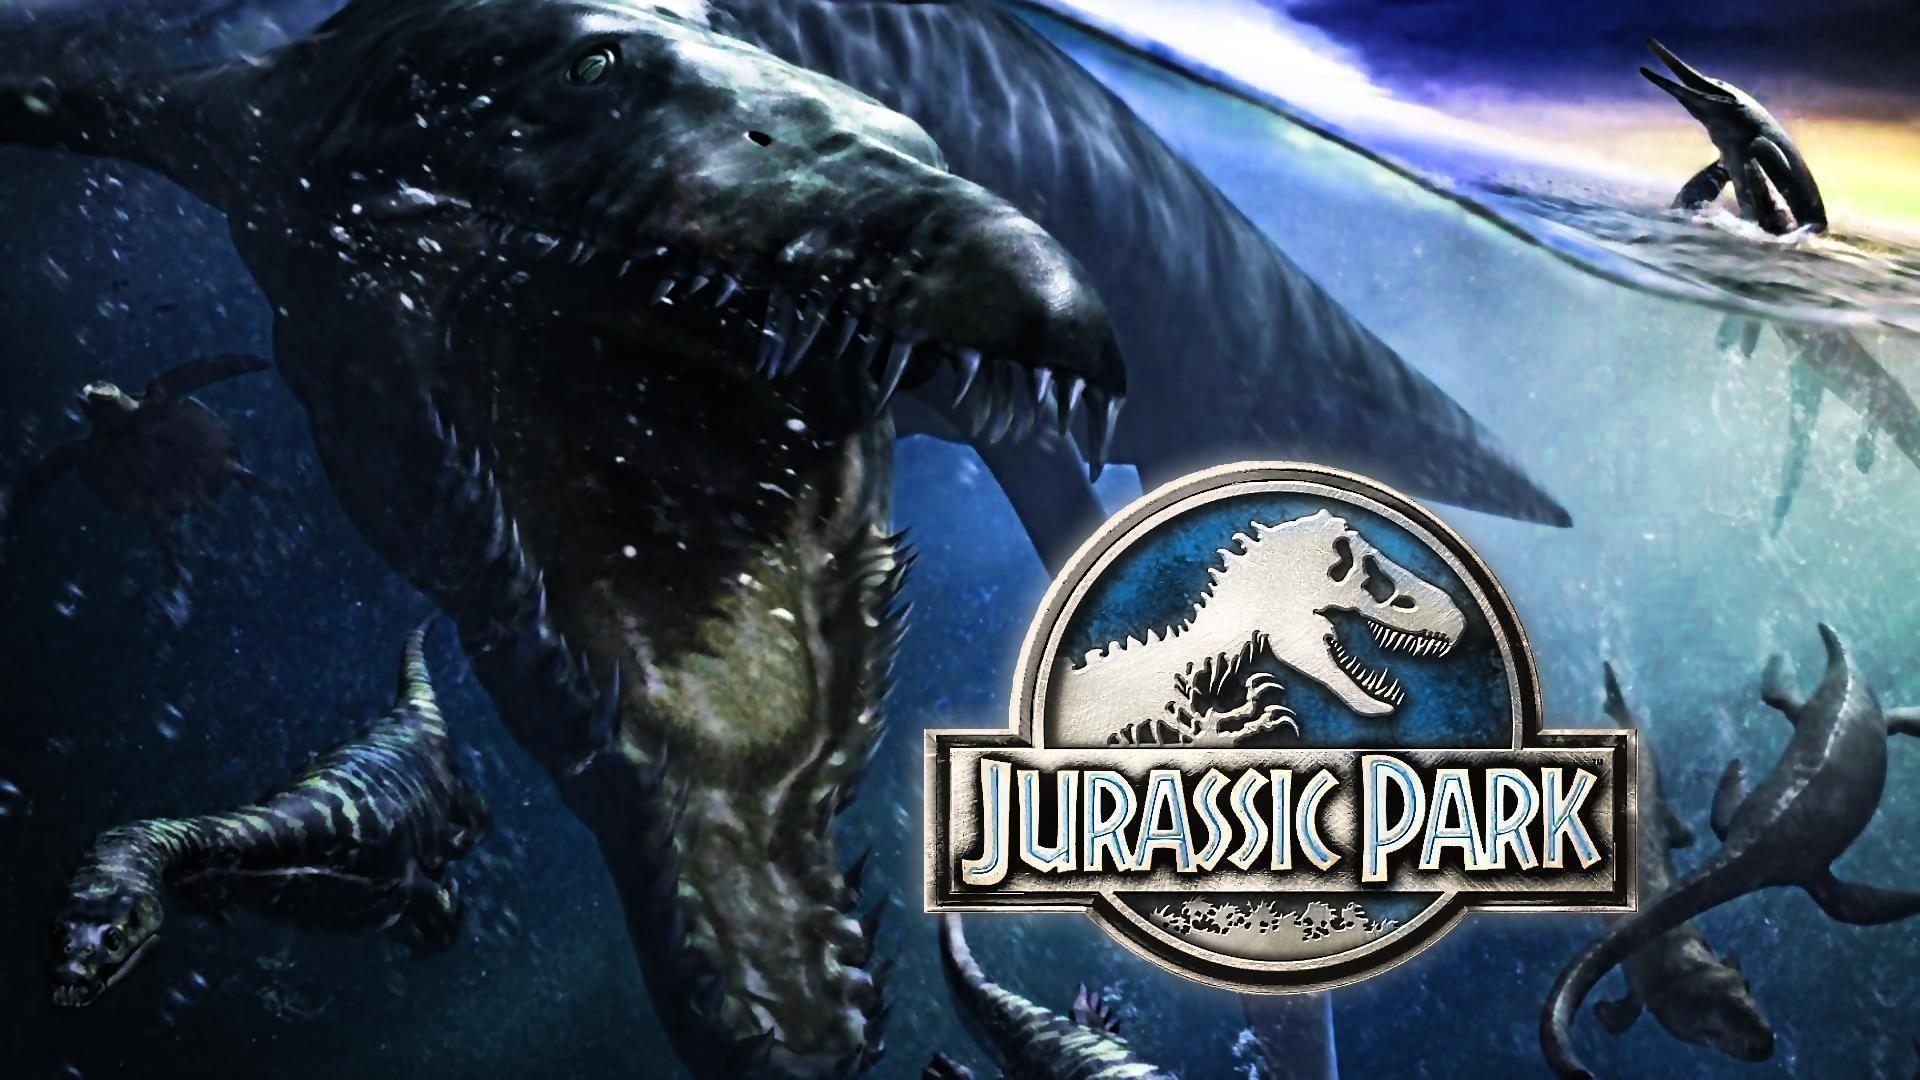 Jurassic Park Wallpaper Velociraptor